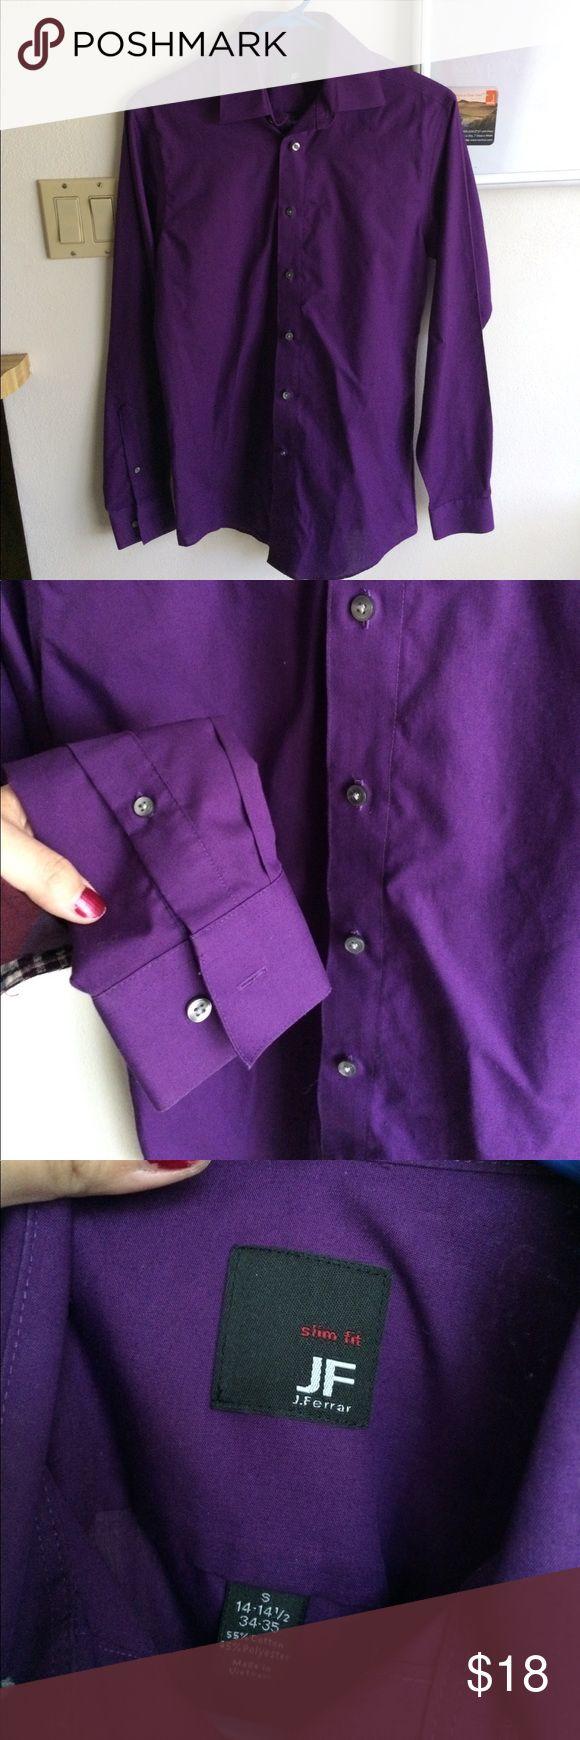 Purple dress shirt Like new. Slim fit. Beautiful purple. jf j.ferrar Shirts Dress Shirts